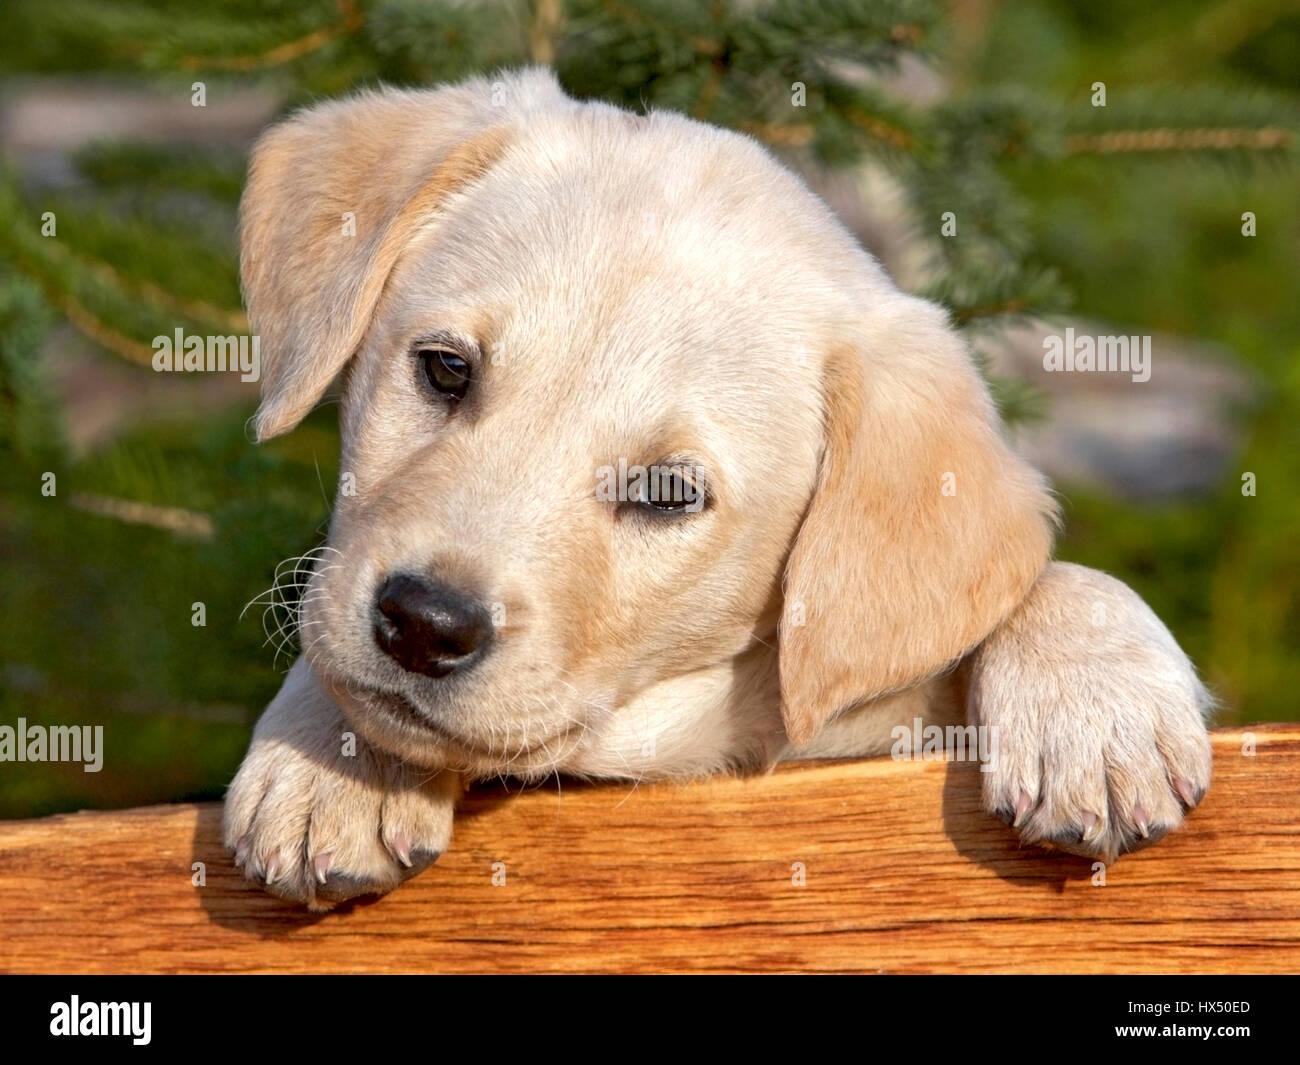 Mignon chiot Labrador Retriever jaune à la recherche de derrière un panneau de bois. Photo Stock